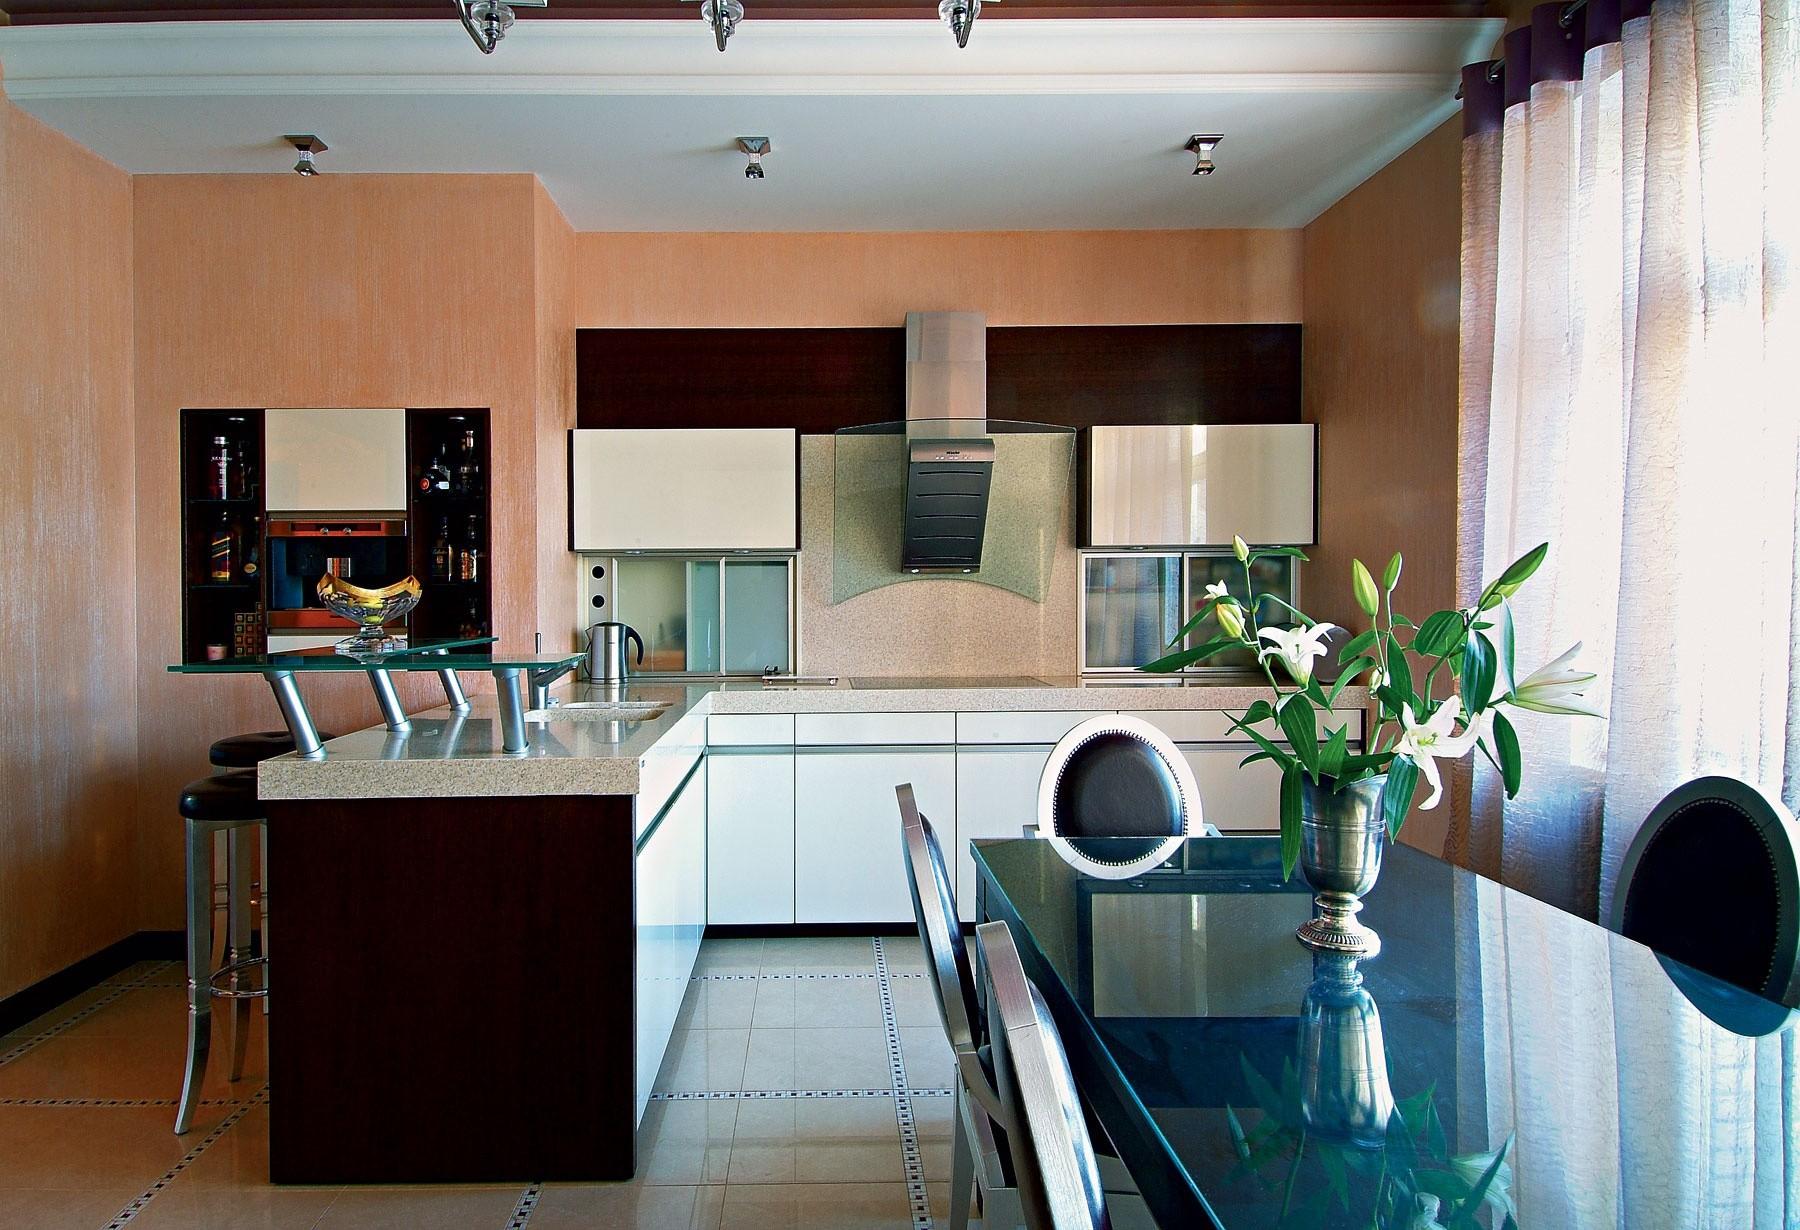 краска для кухни фото идеи